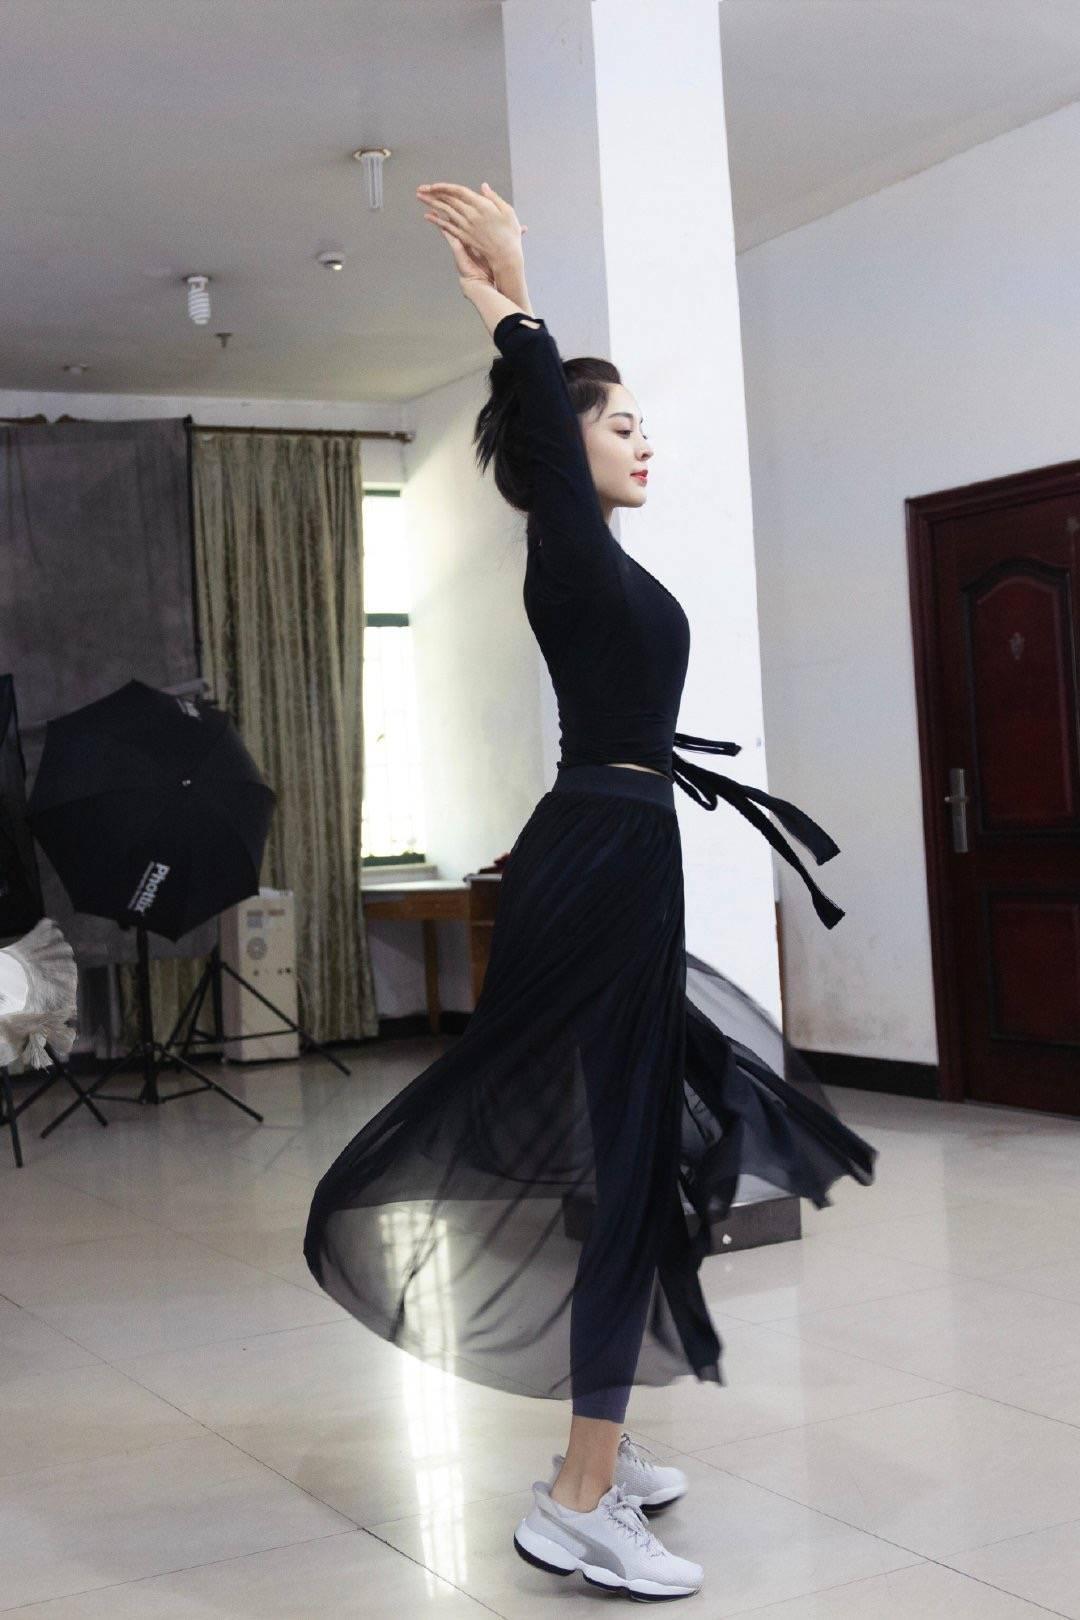 舞蹈的古力娜扎,实在太太太漂亮了!